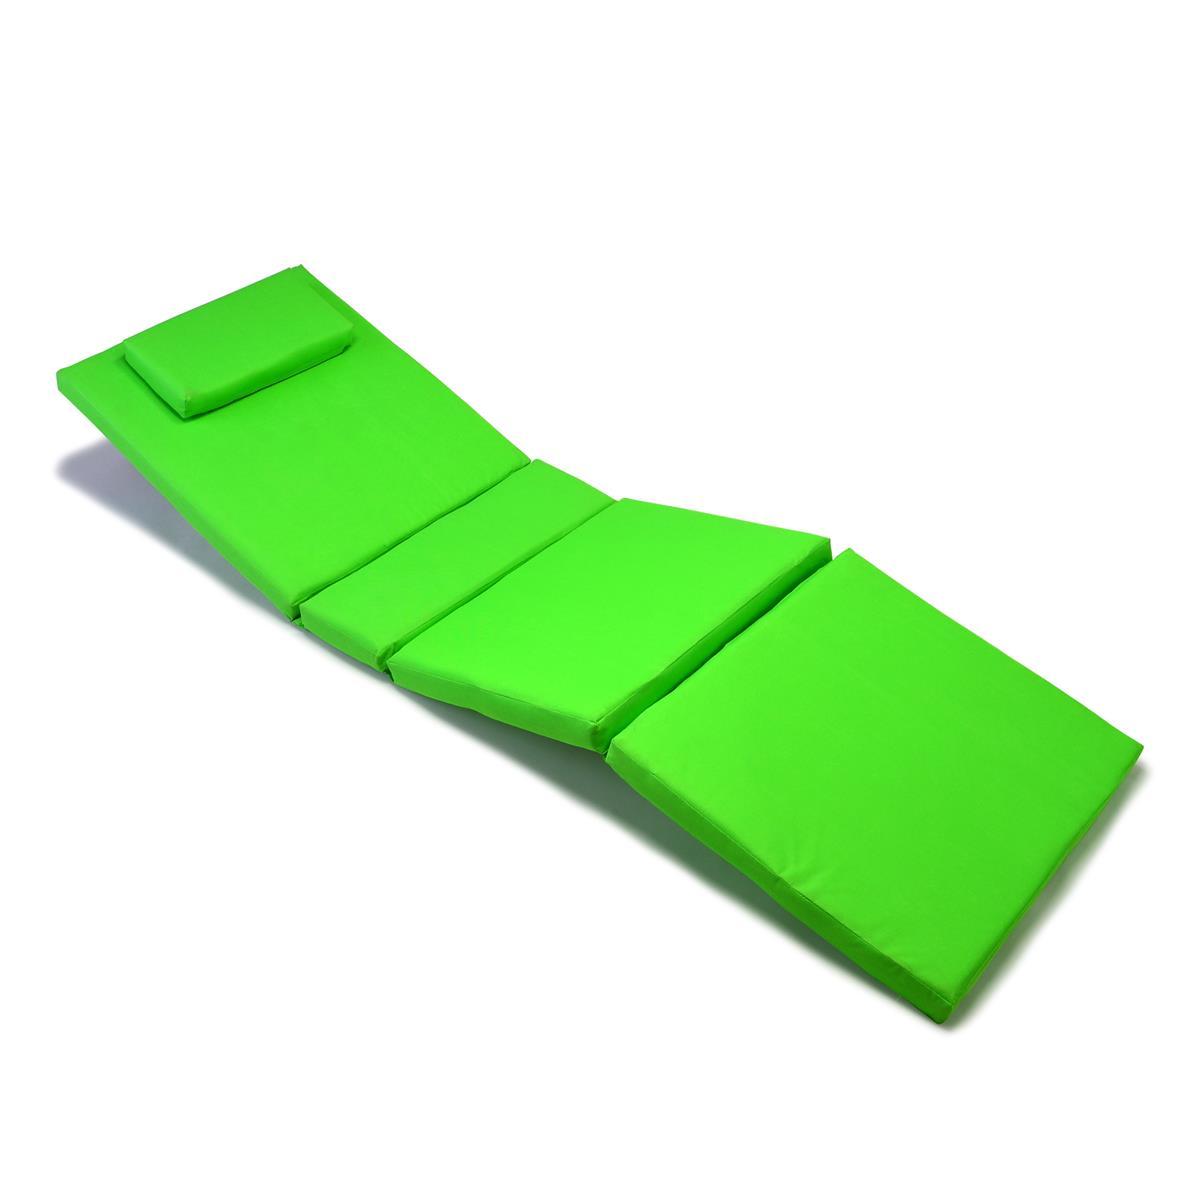 DIVERO Liegenauflage Polster für Gartenliege 4 Segmente Kopfkissen hellgrün